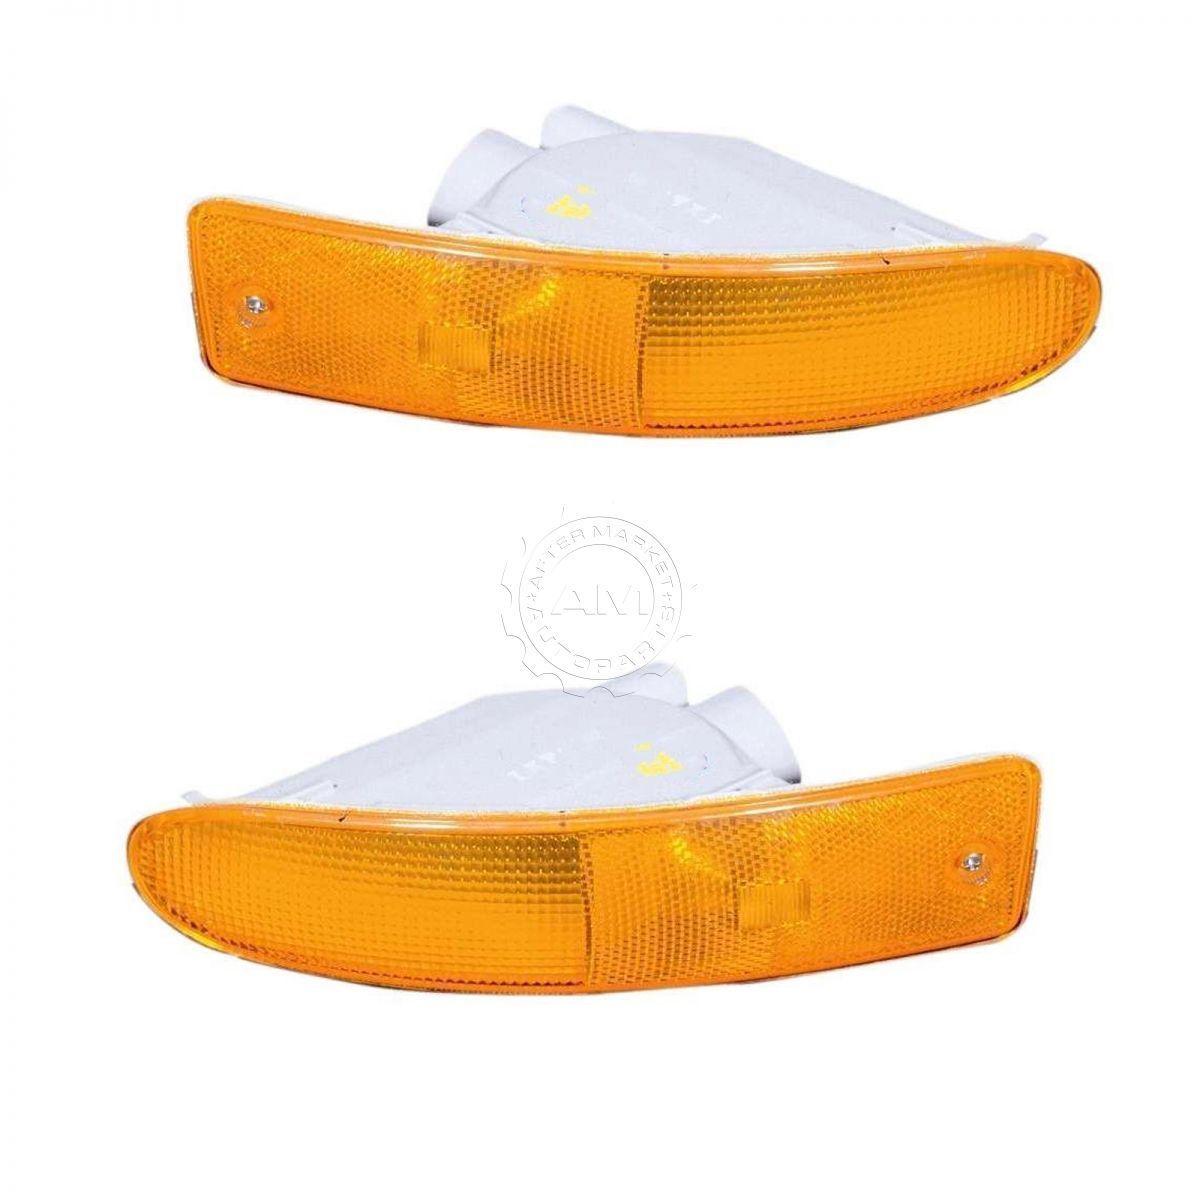 コーナーライト Marker Signal Blinker Corner Parking Light Pair Set for 00-02 Mitsubishi Eclipse マーカ信号点滅コーナーパーキングライトペア設定00-02 Mitsubishi Eclipse